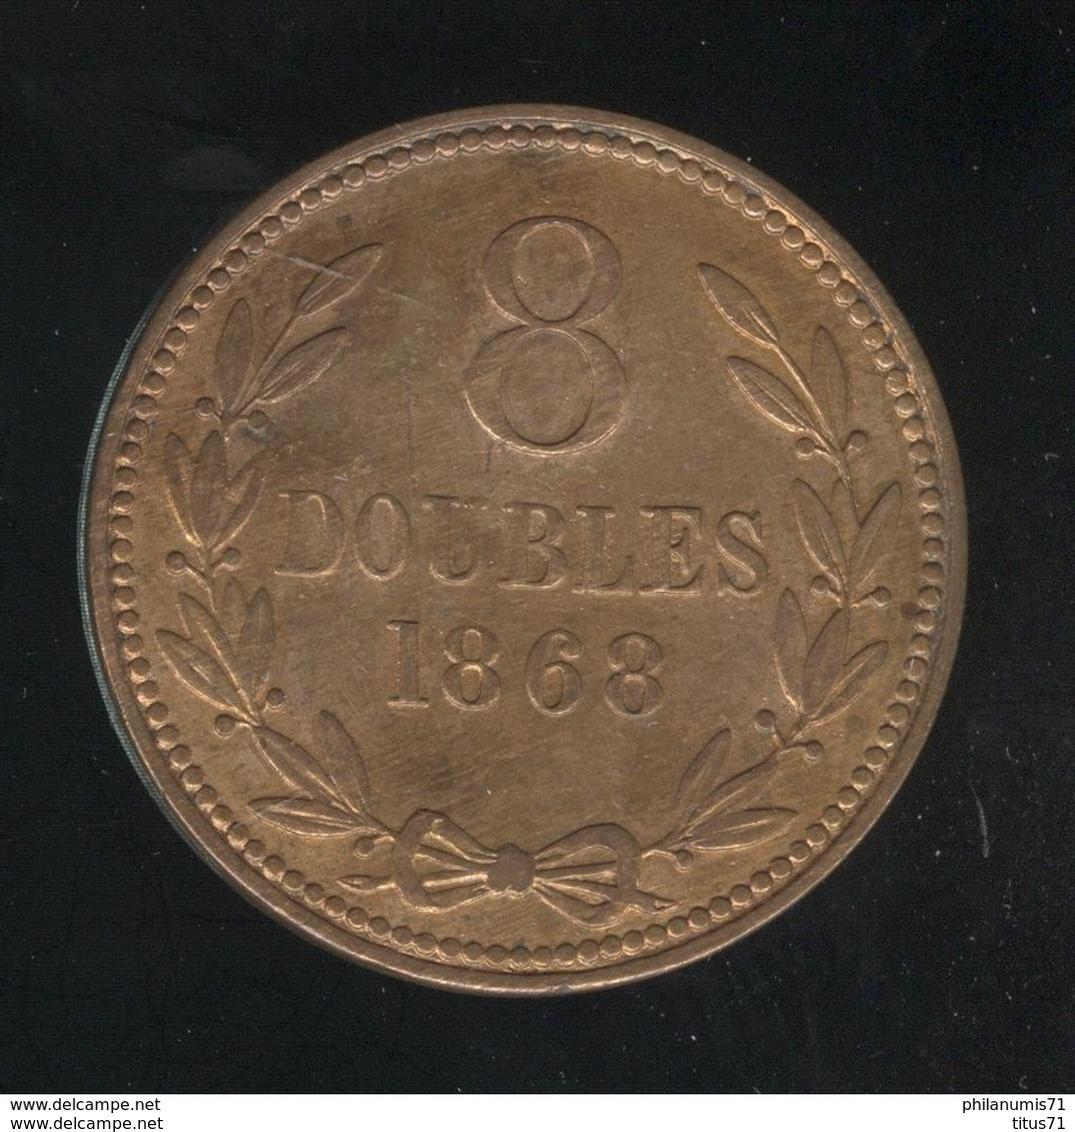 8 Doubles Guernesey 1868 TTB+ - Guernsey